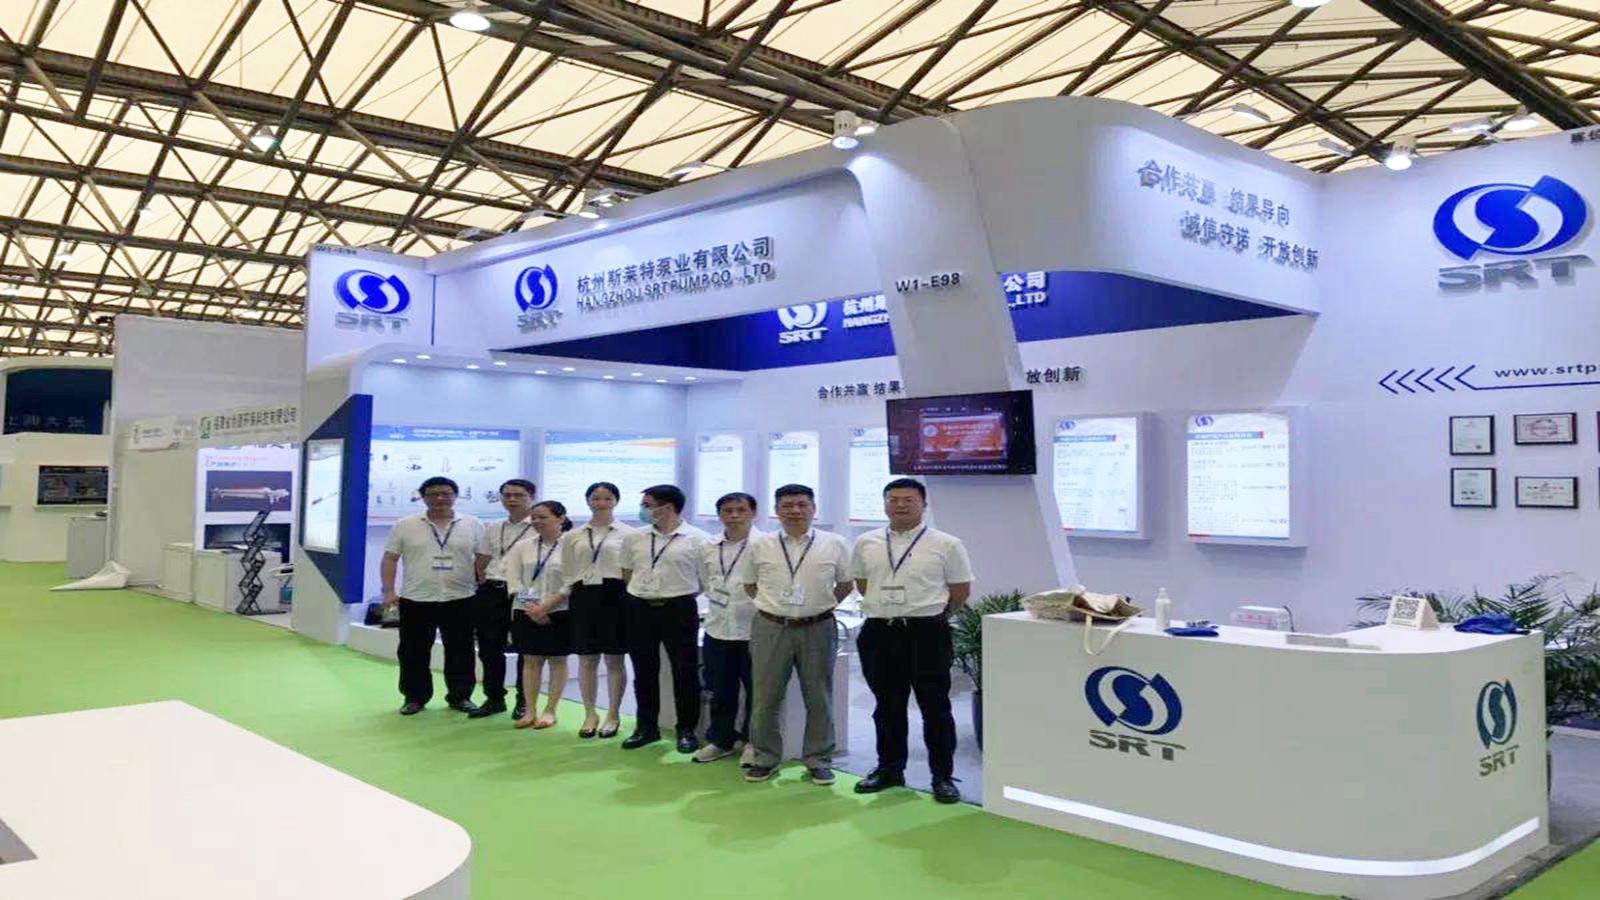 杭州斯莱特泵业:环博会现场直播推荐